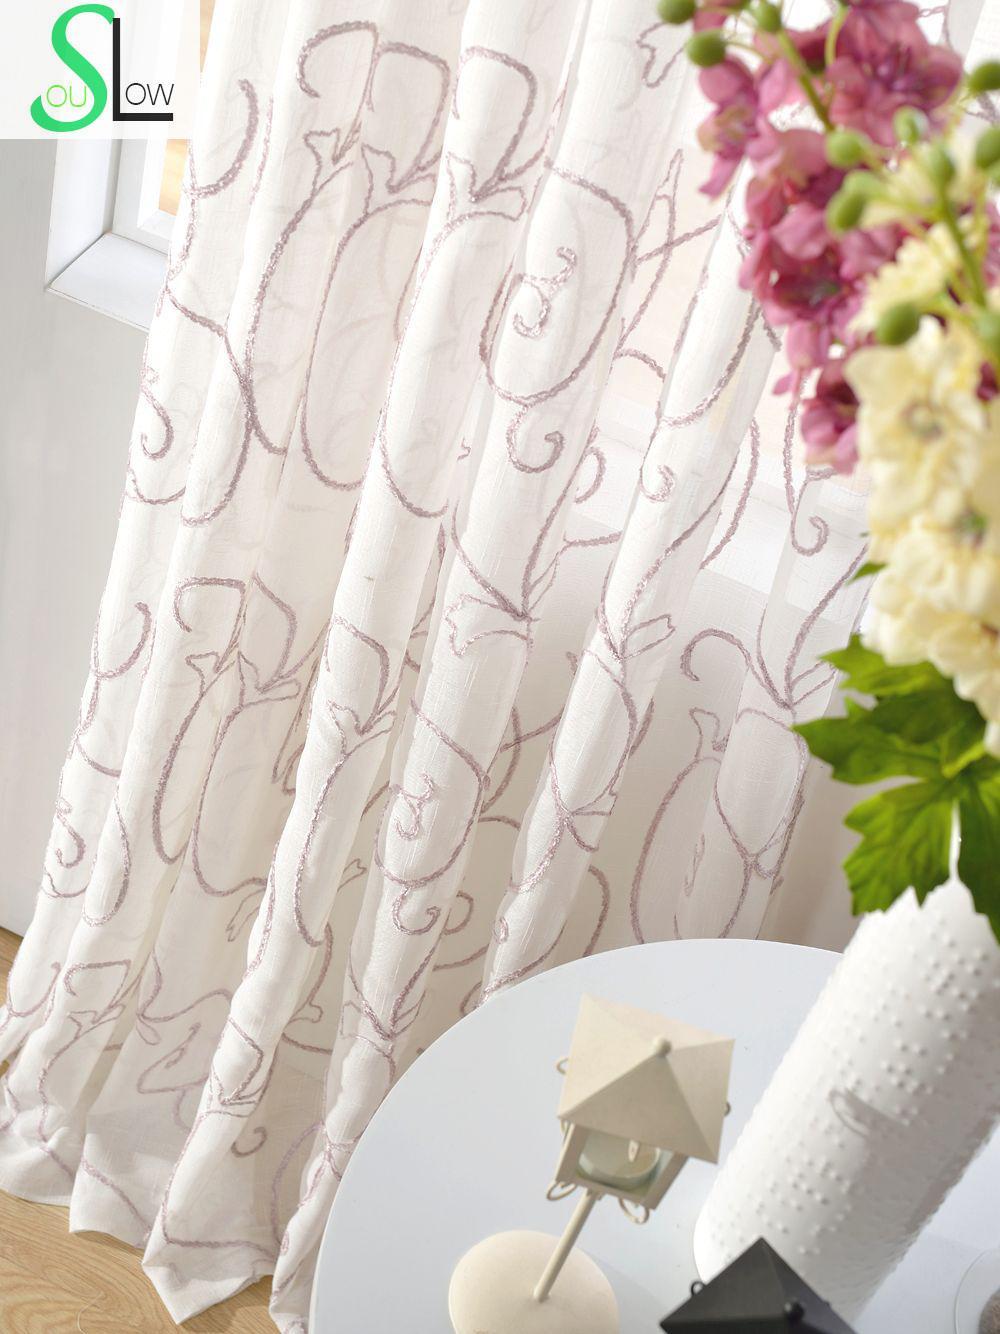 Айви крест дриблинг вышивка Шторы французское окно завод Шторы s для Гостиная тюль и Кухня вышитые Sheer Спальня